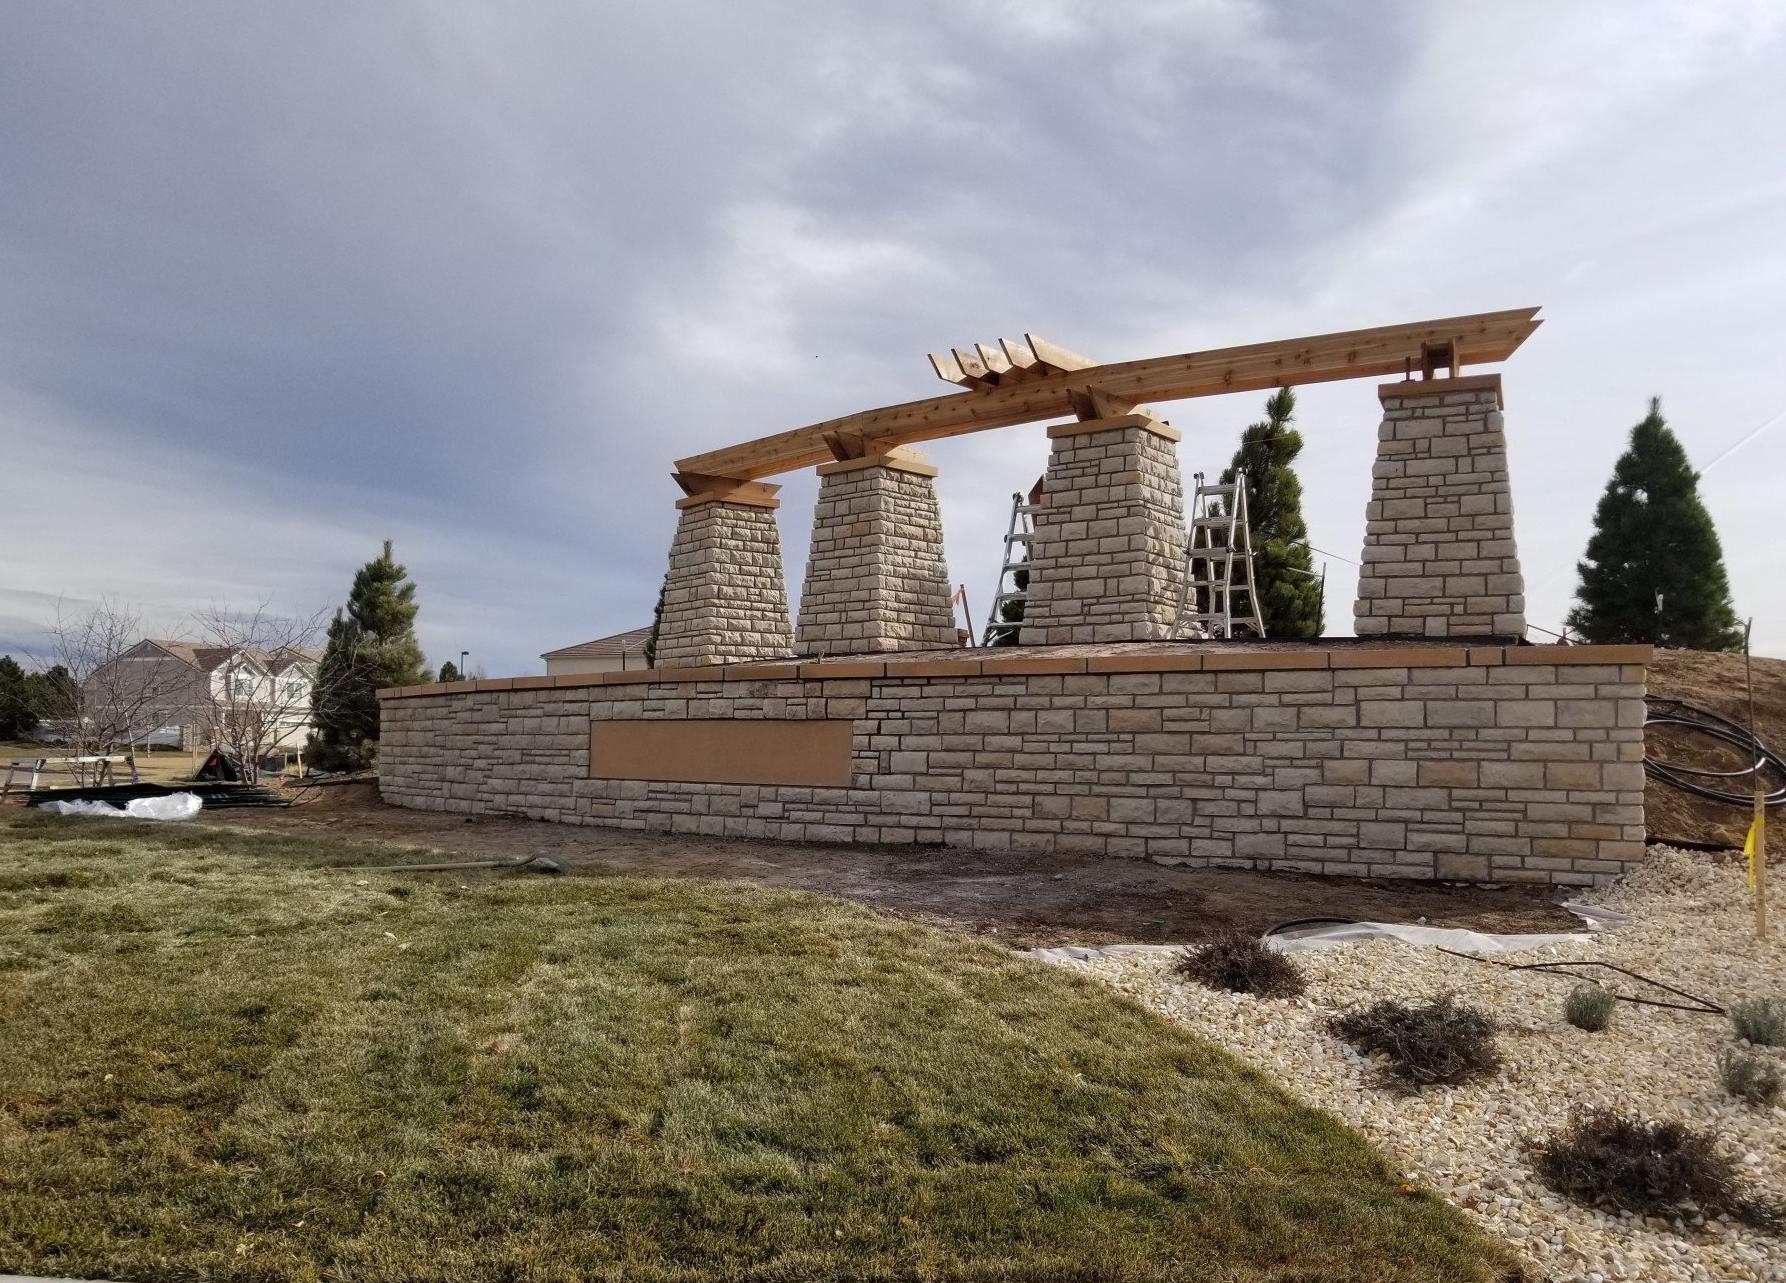 Arco Precast Concrete